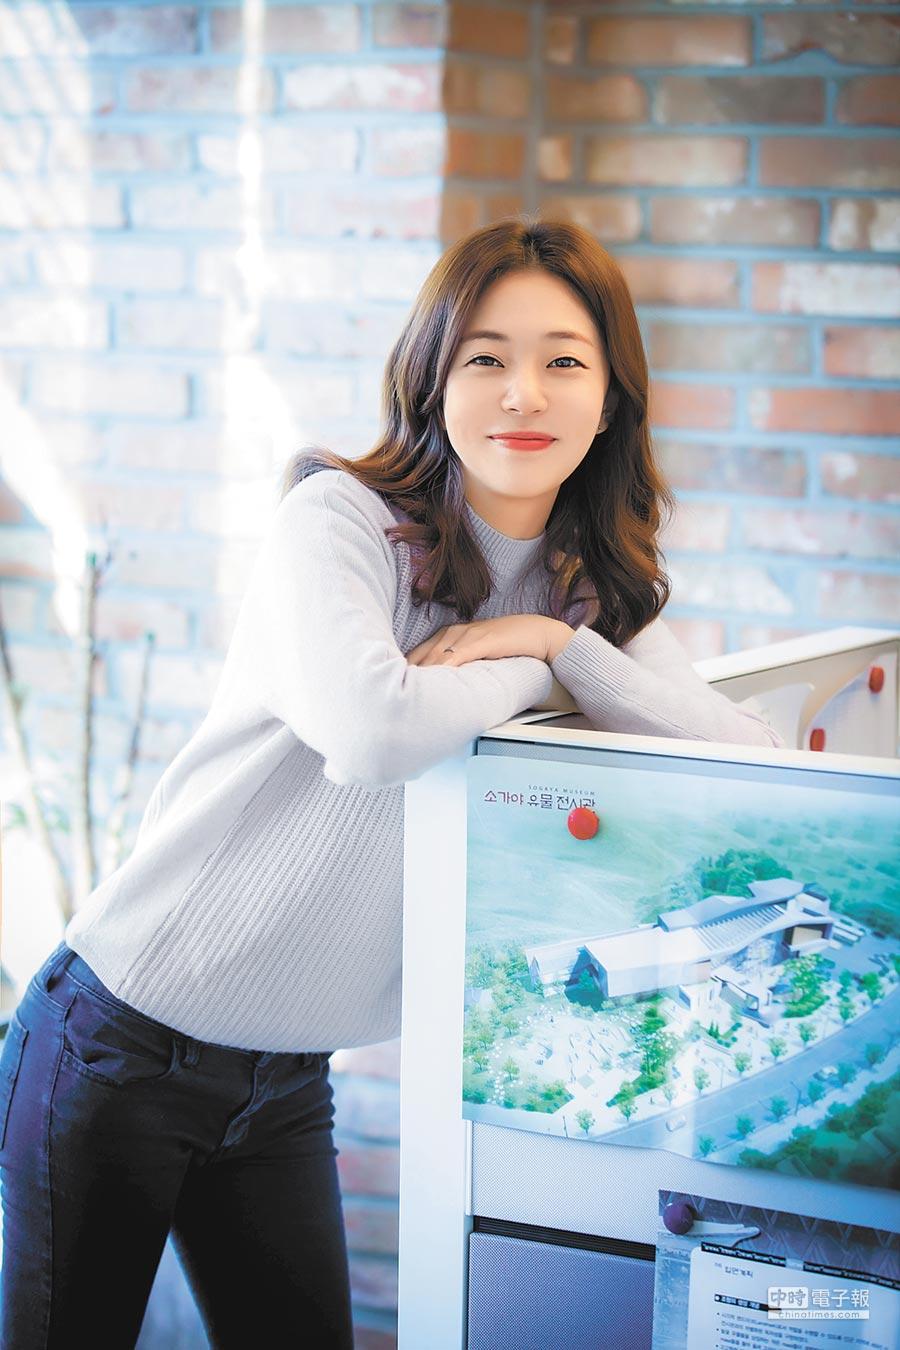 白珍熙飾演身世坎坷的女主角,表演受婆媽喜愛。